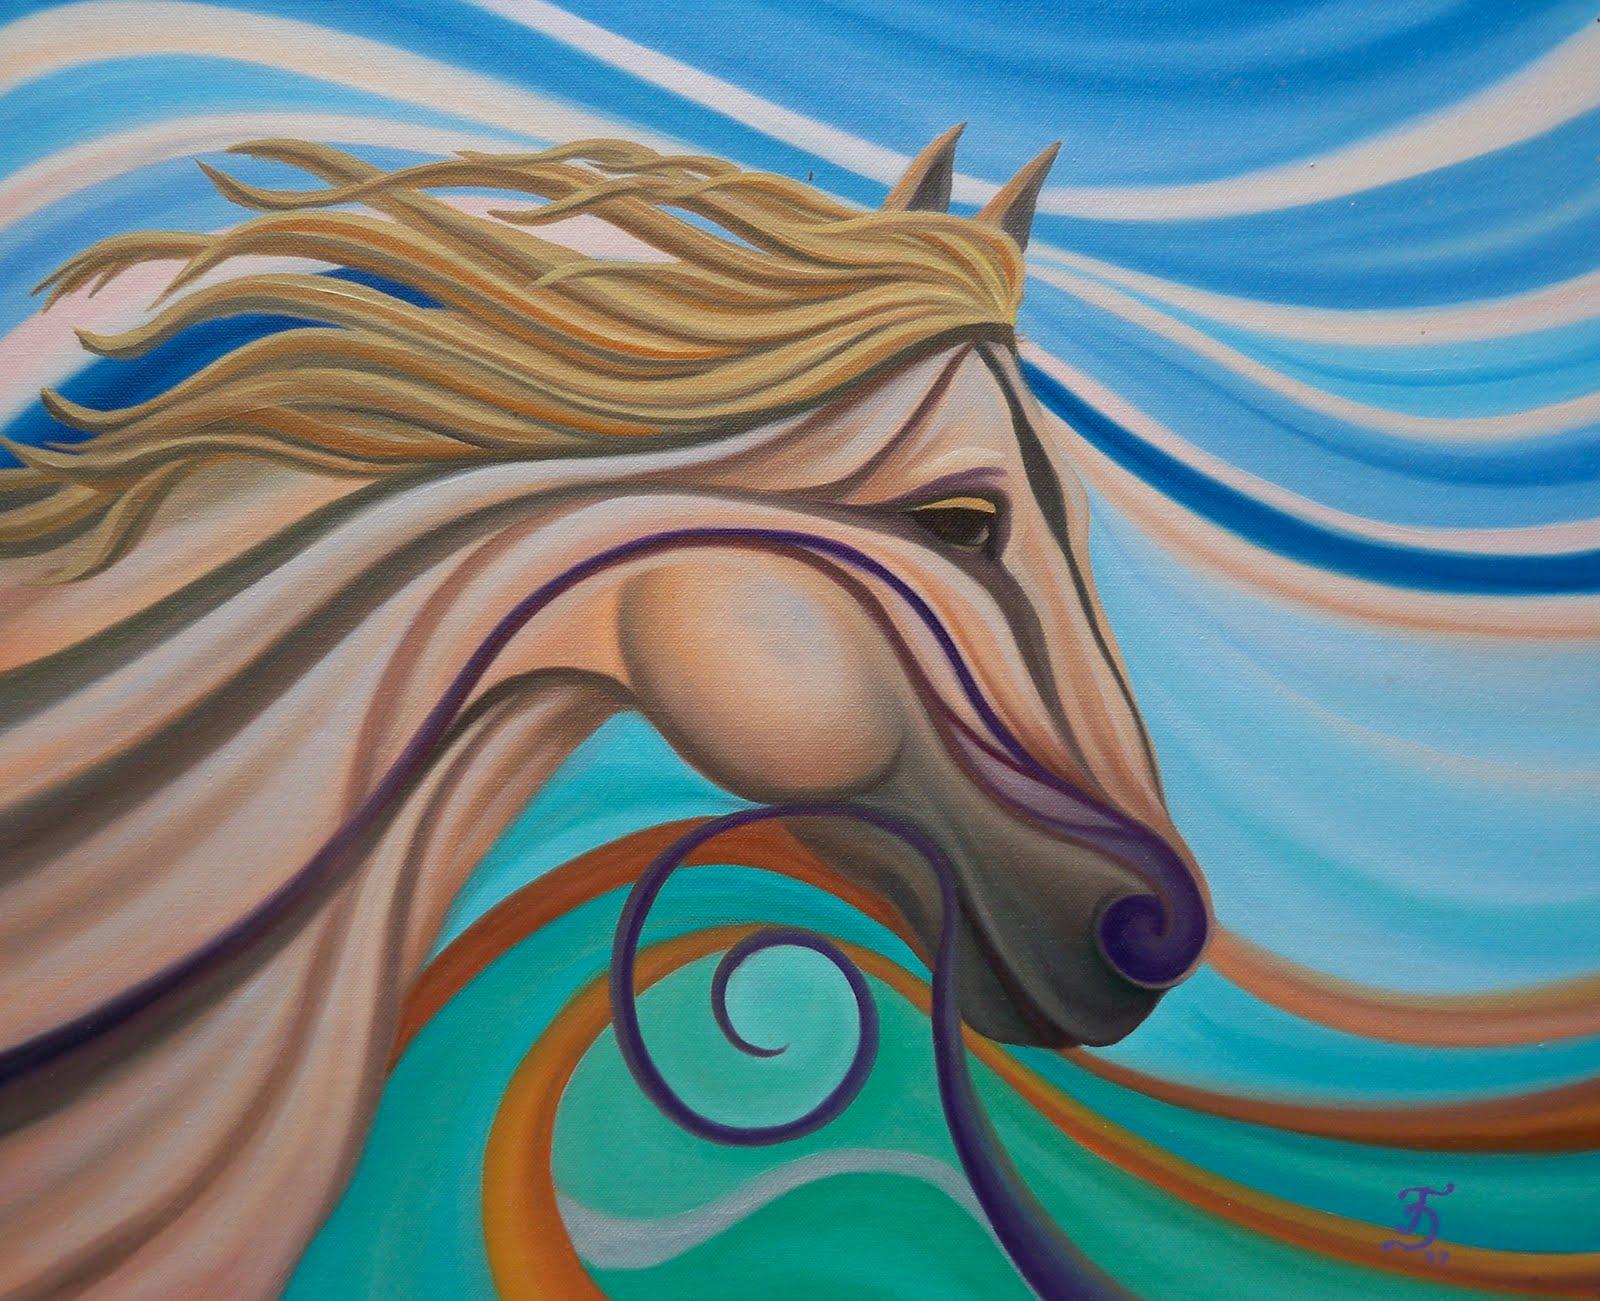 Image gallery pinturas - Nombres de colores de pinturas ...